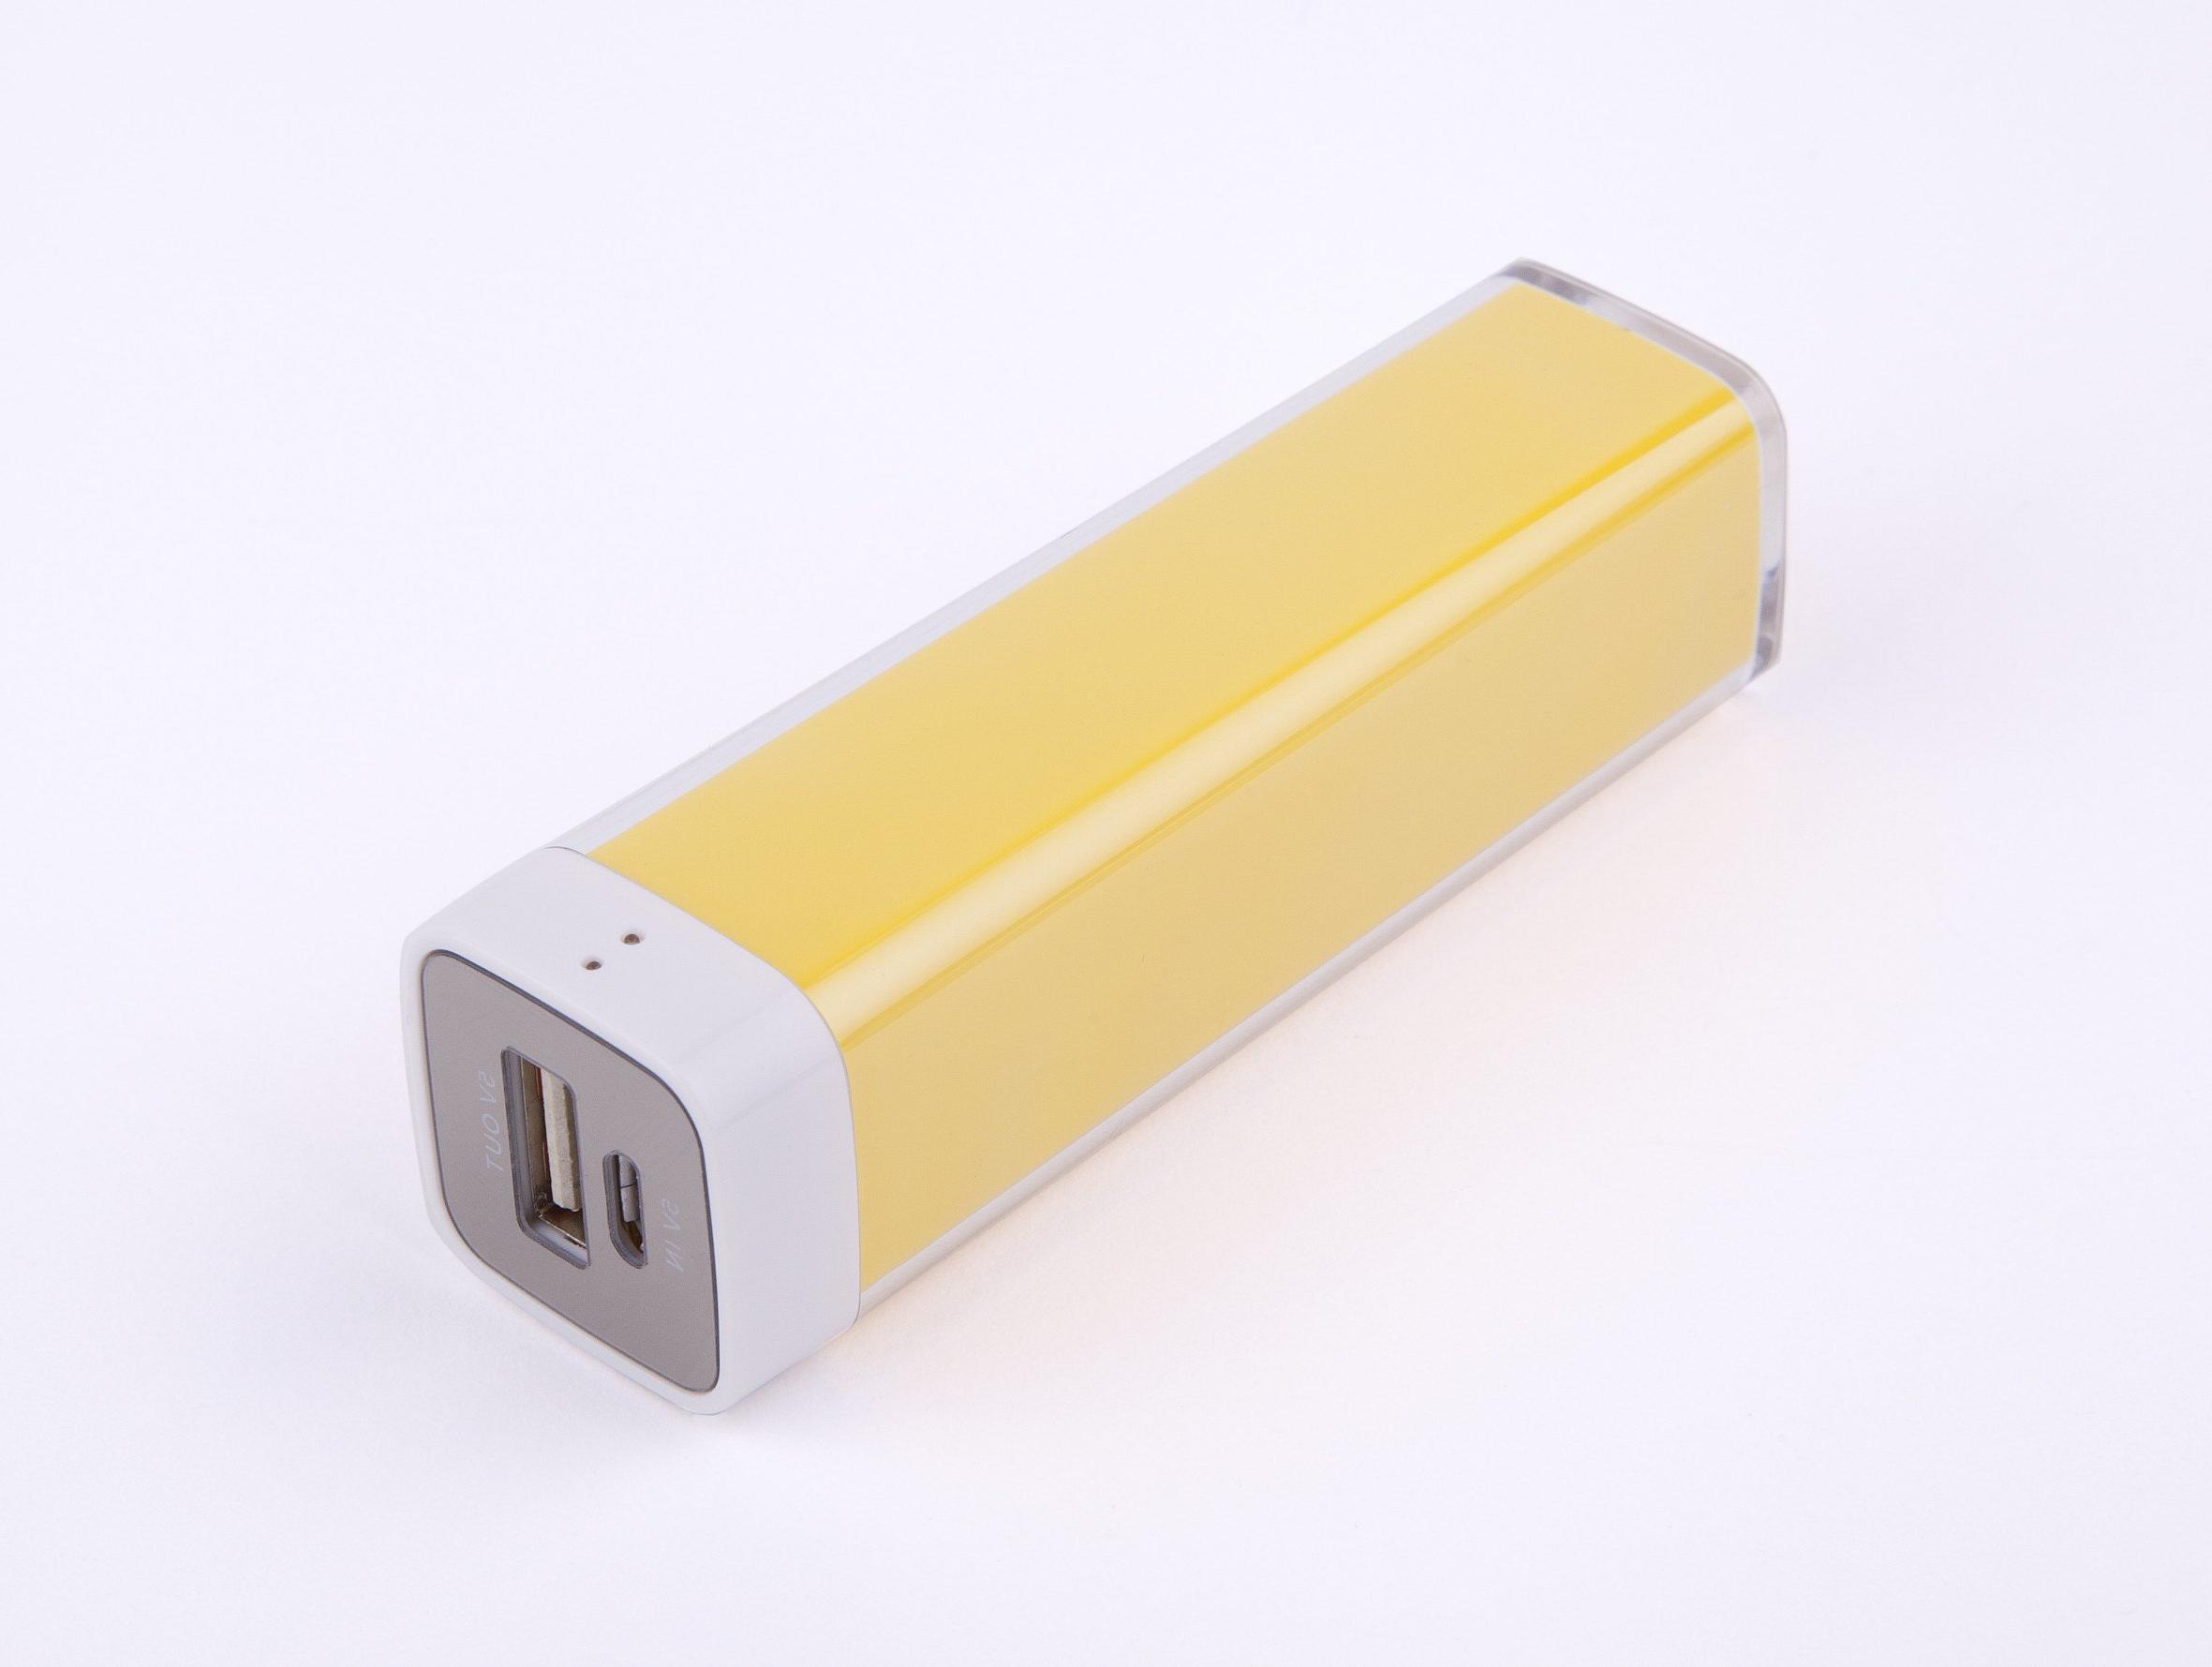 Bateria Portatil Movil X8d1 Bateria Externa Portatil Para Movil Mpmobile Mplipstk Am Amarilla